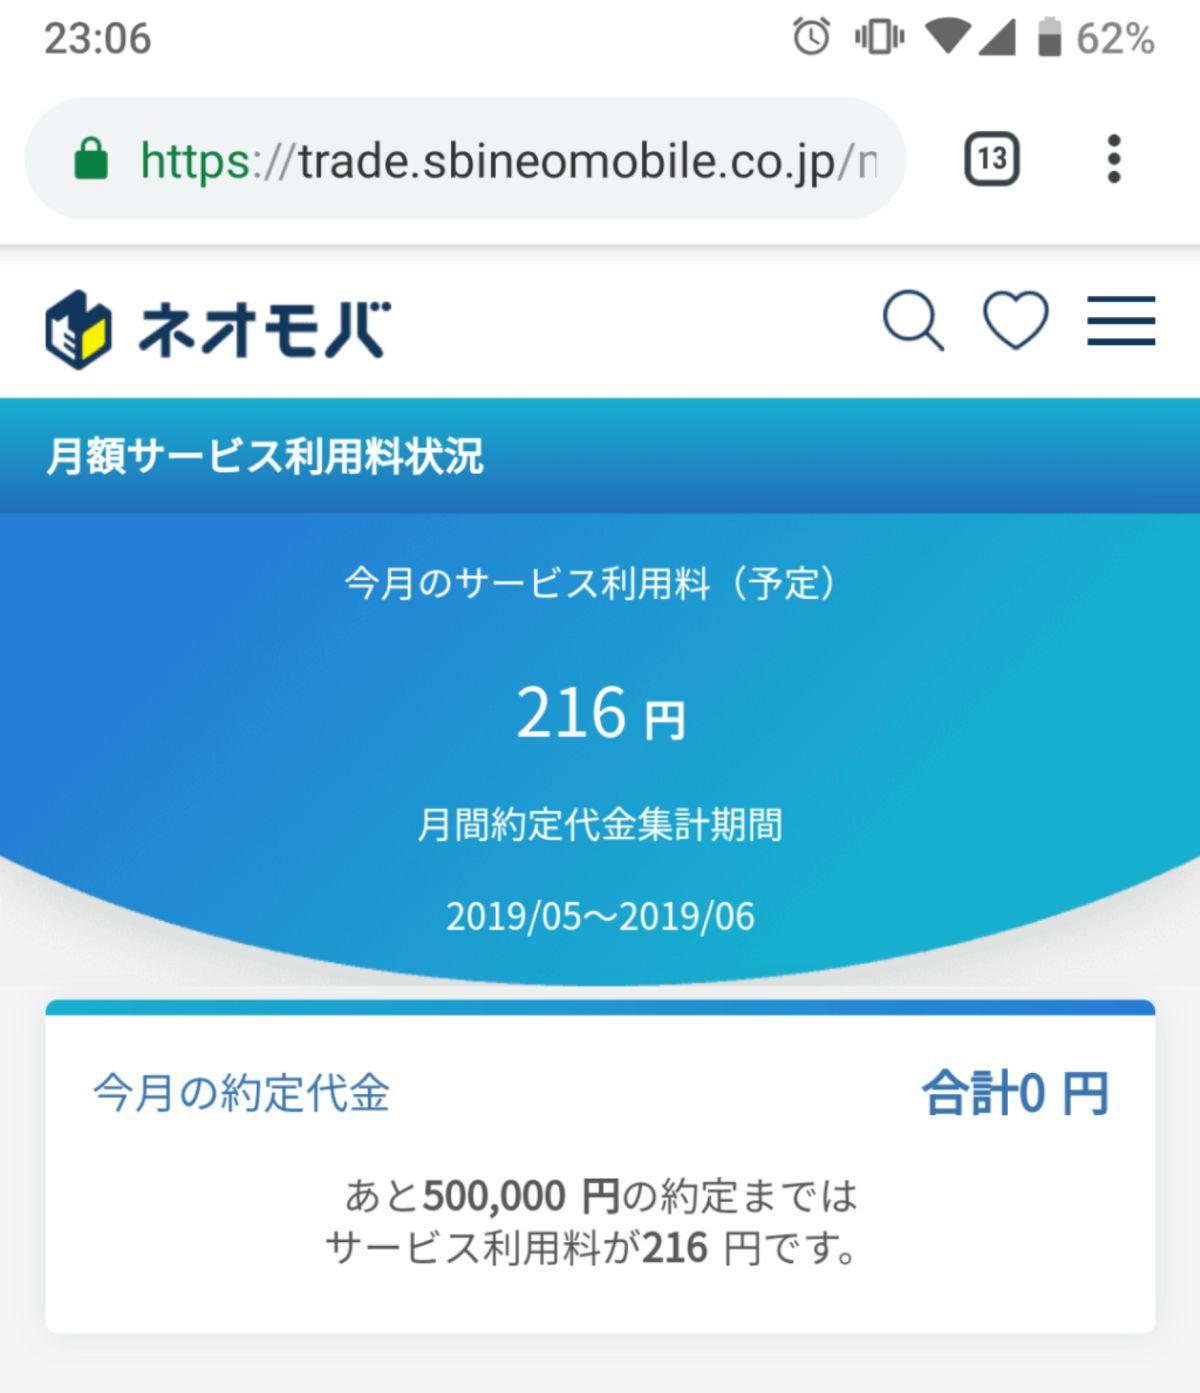 SBIネオモバイル証券は毎月手数料がかかる